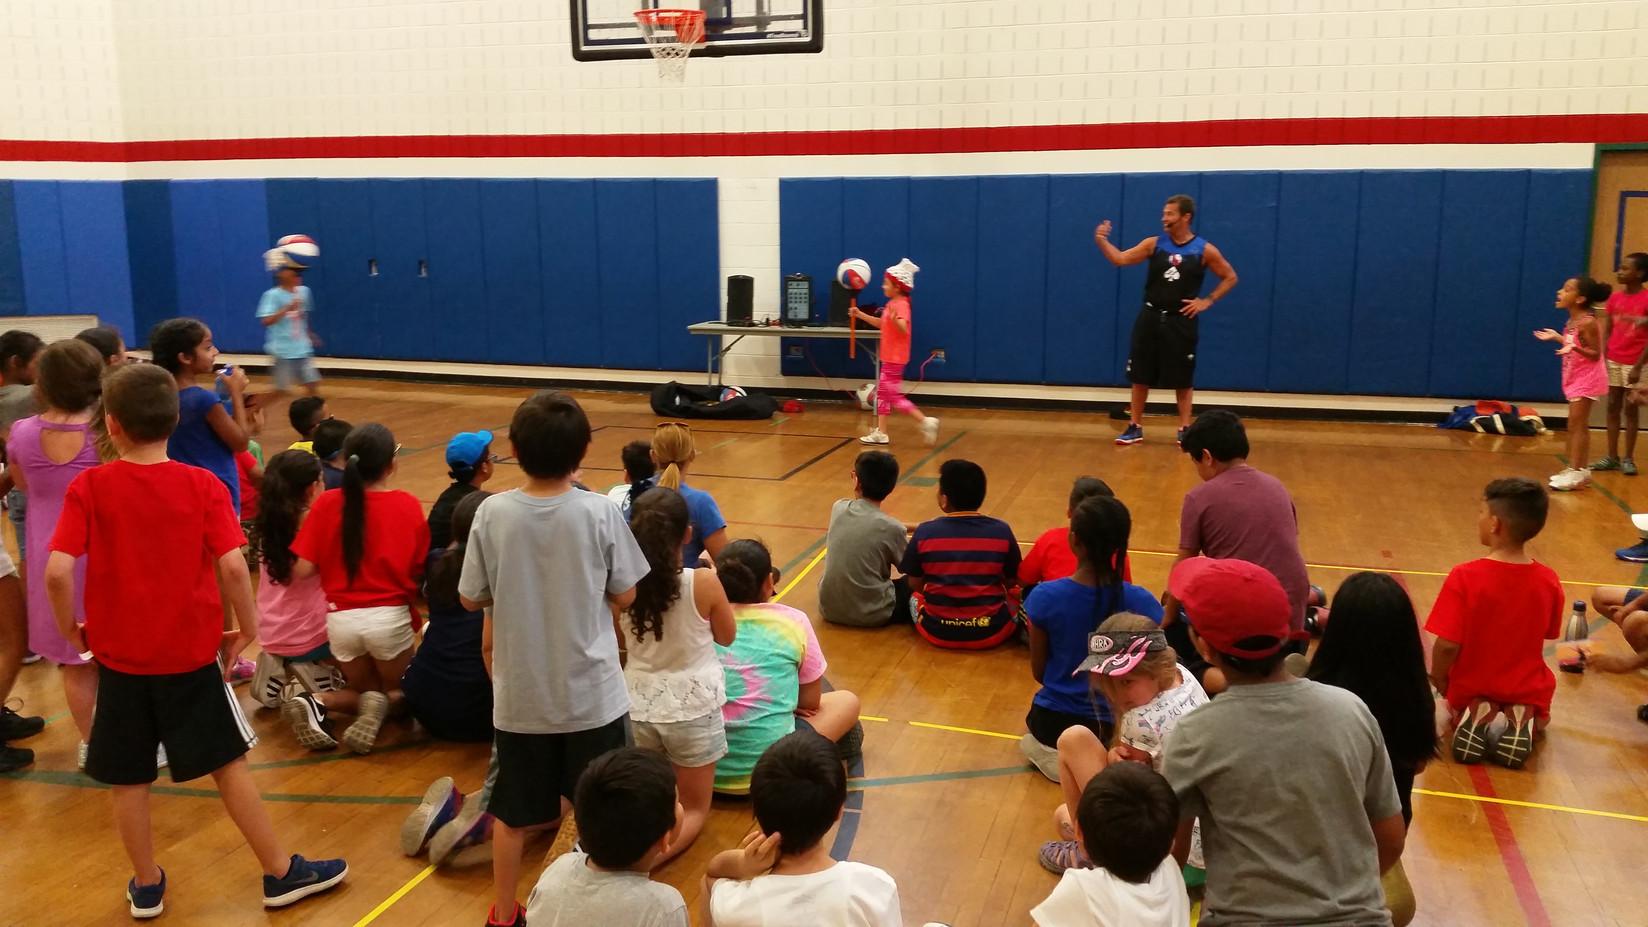 Basketball-Master-For-Kids-Trick-Tutorial.jpg